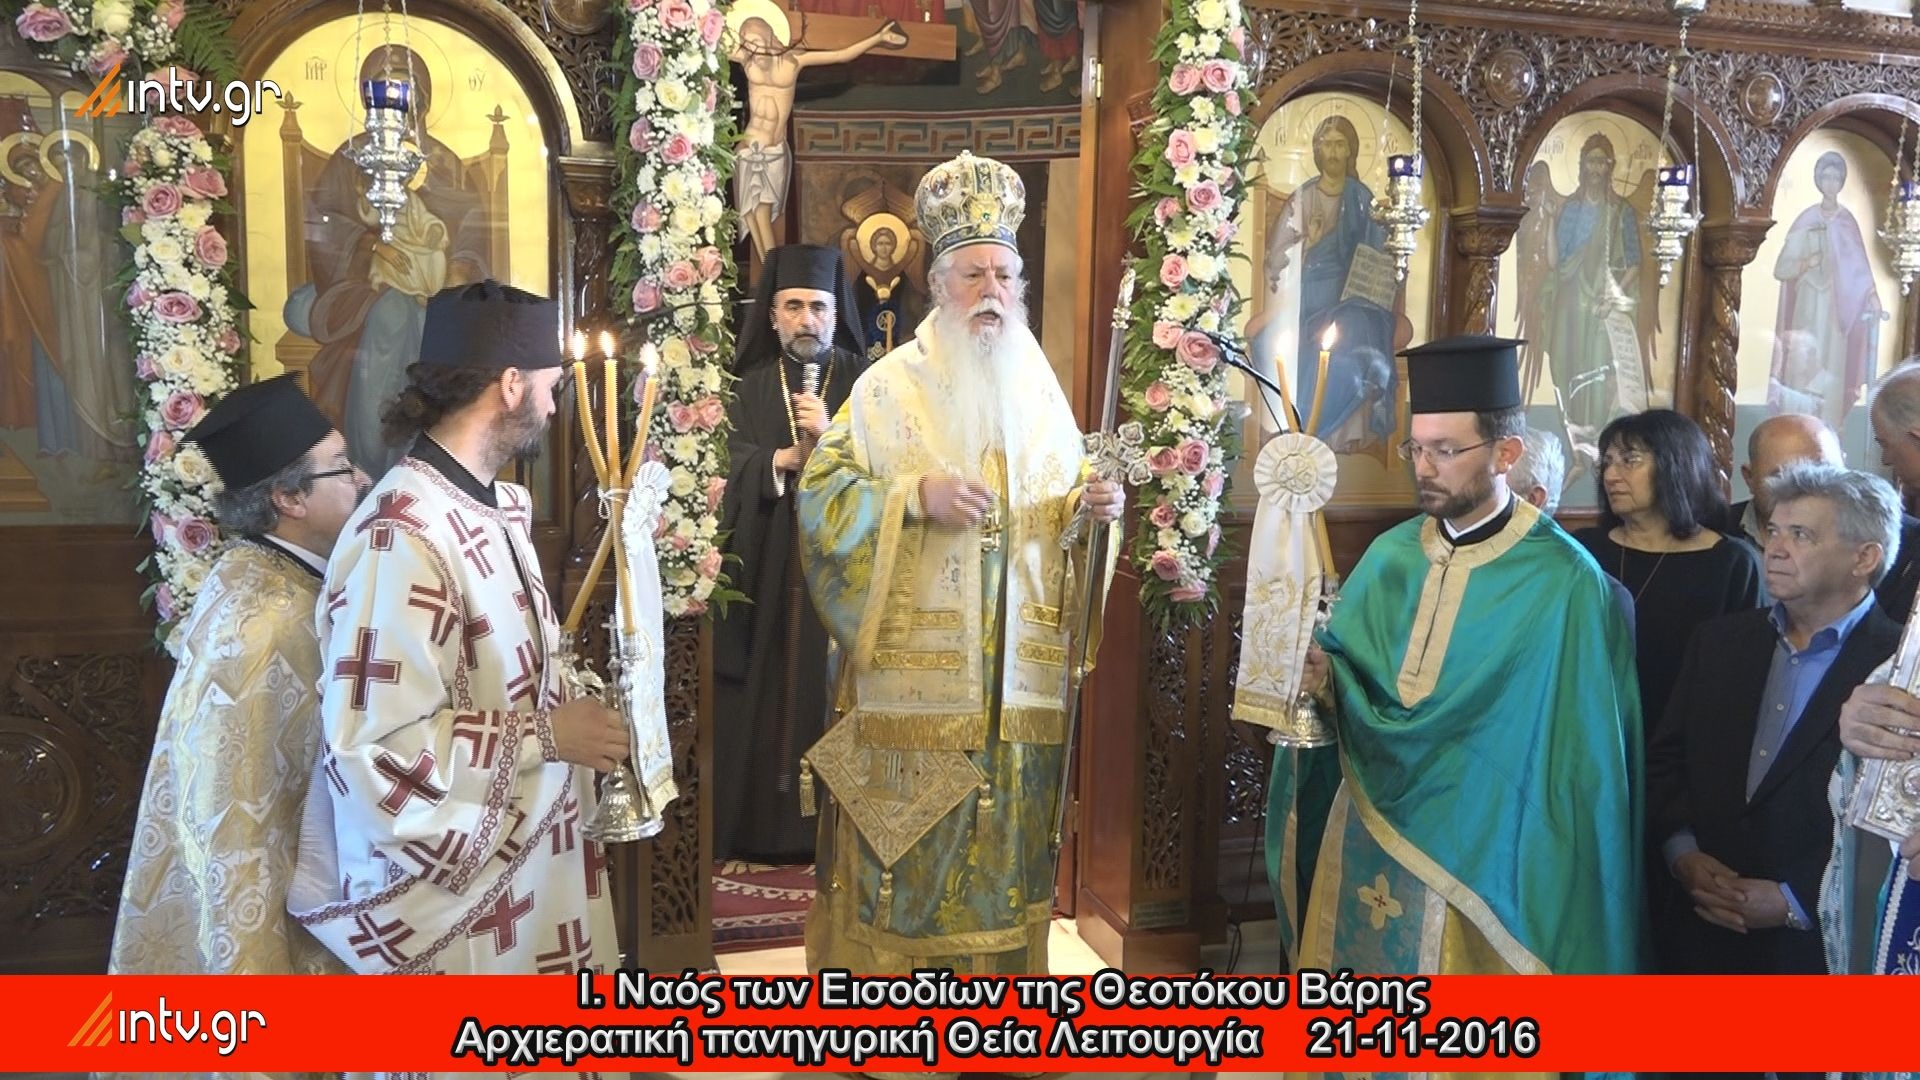 I. Nαός των Εισοδίων της Θεοτόκου Βάρης - Αρχιερατική πανηγυρική Θεία Λειτουργία υπό του Θεοφιλεστάτου Επισκόπου Ελαίας κ. Θεοδωρήτου